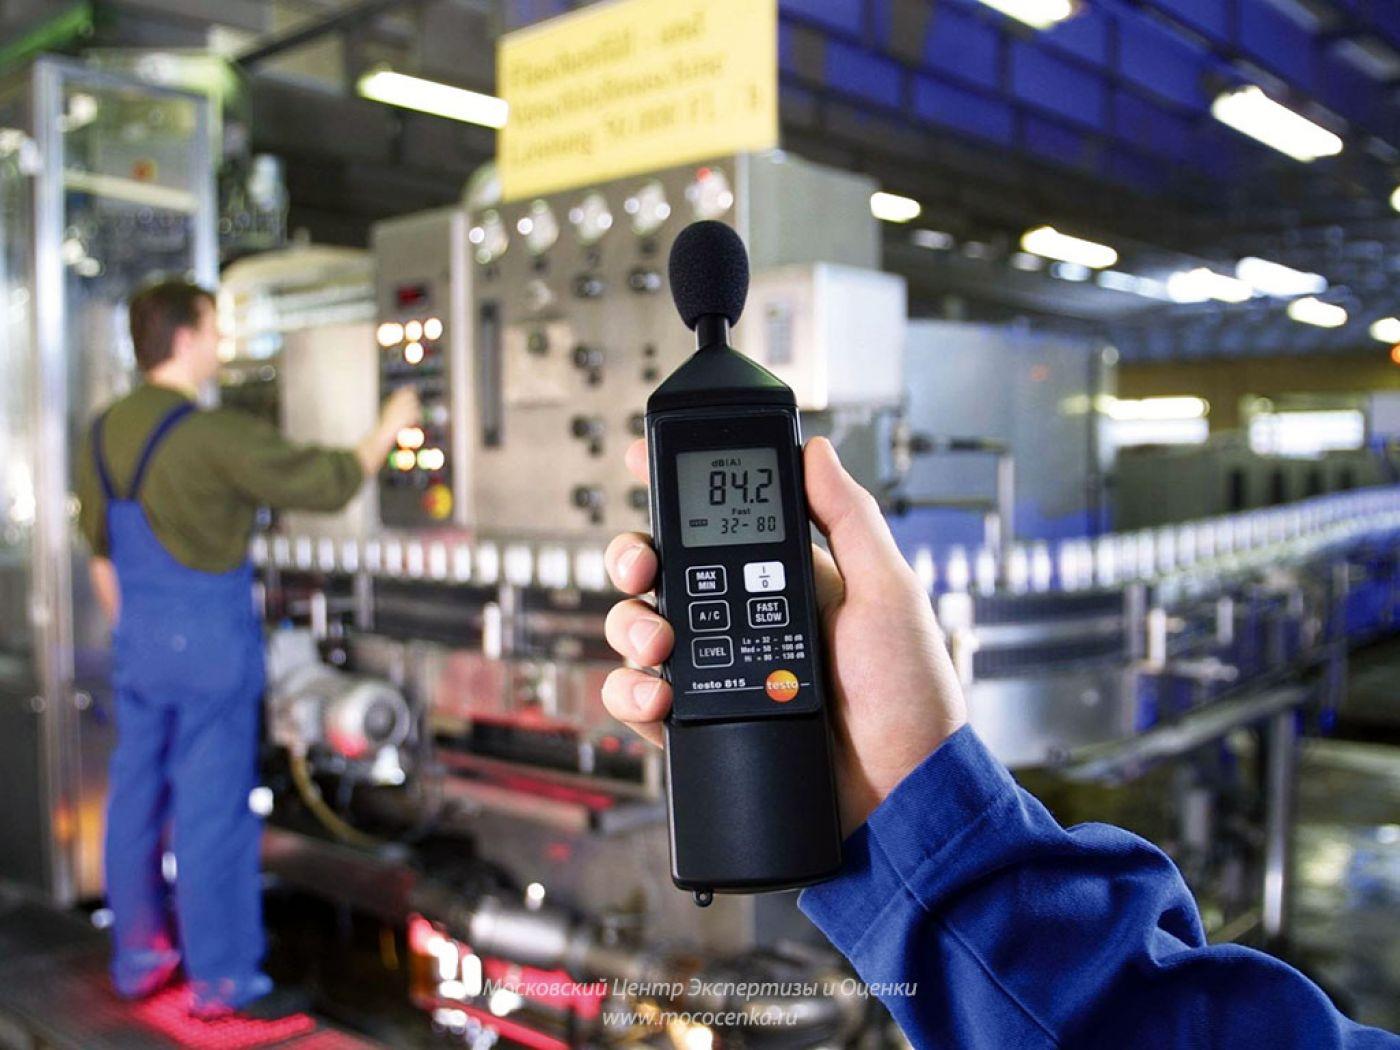 Измерение производственных факторов на рабочих местах в рамках производственного контроля в Красноярске